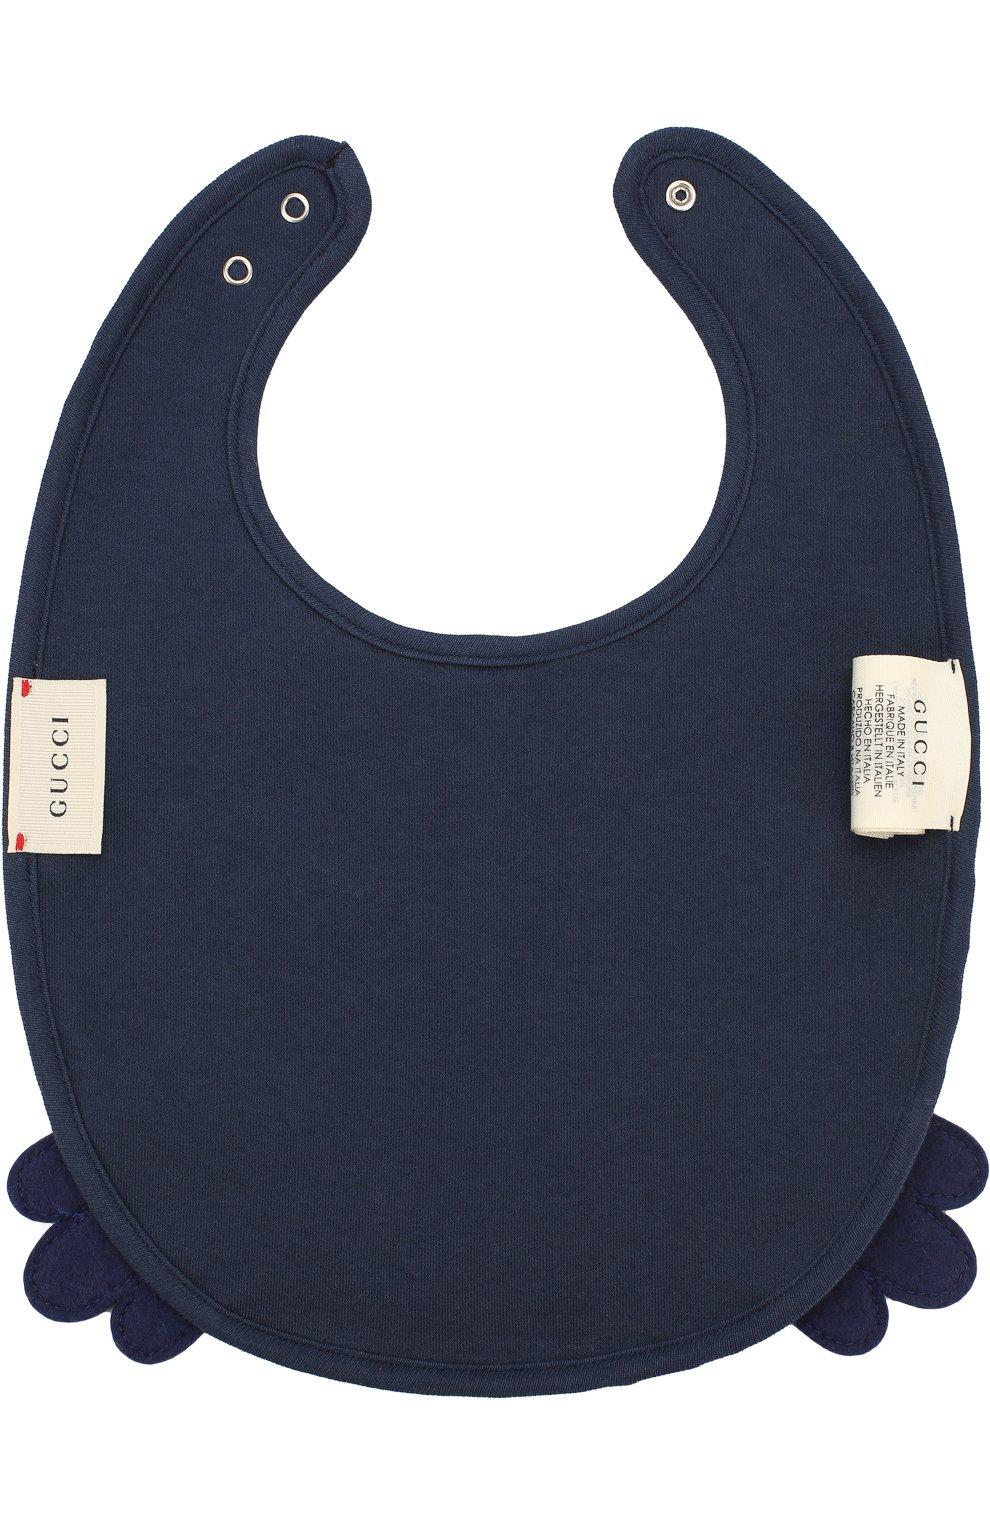 Нагрудник с ярким принтом GUCCI синего цвета — купить за 11150 руб ... 01da3571eed65